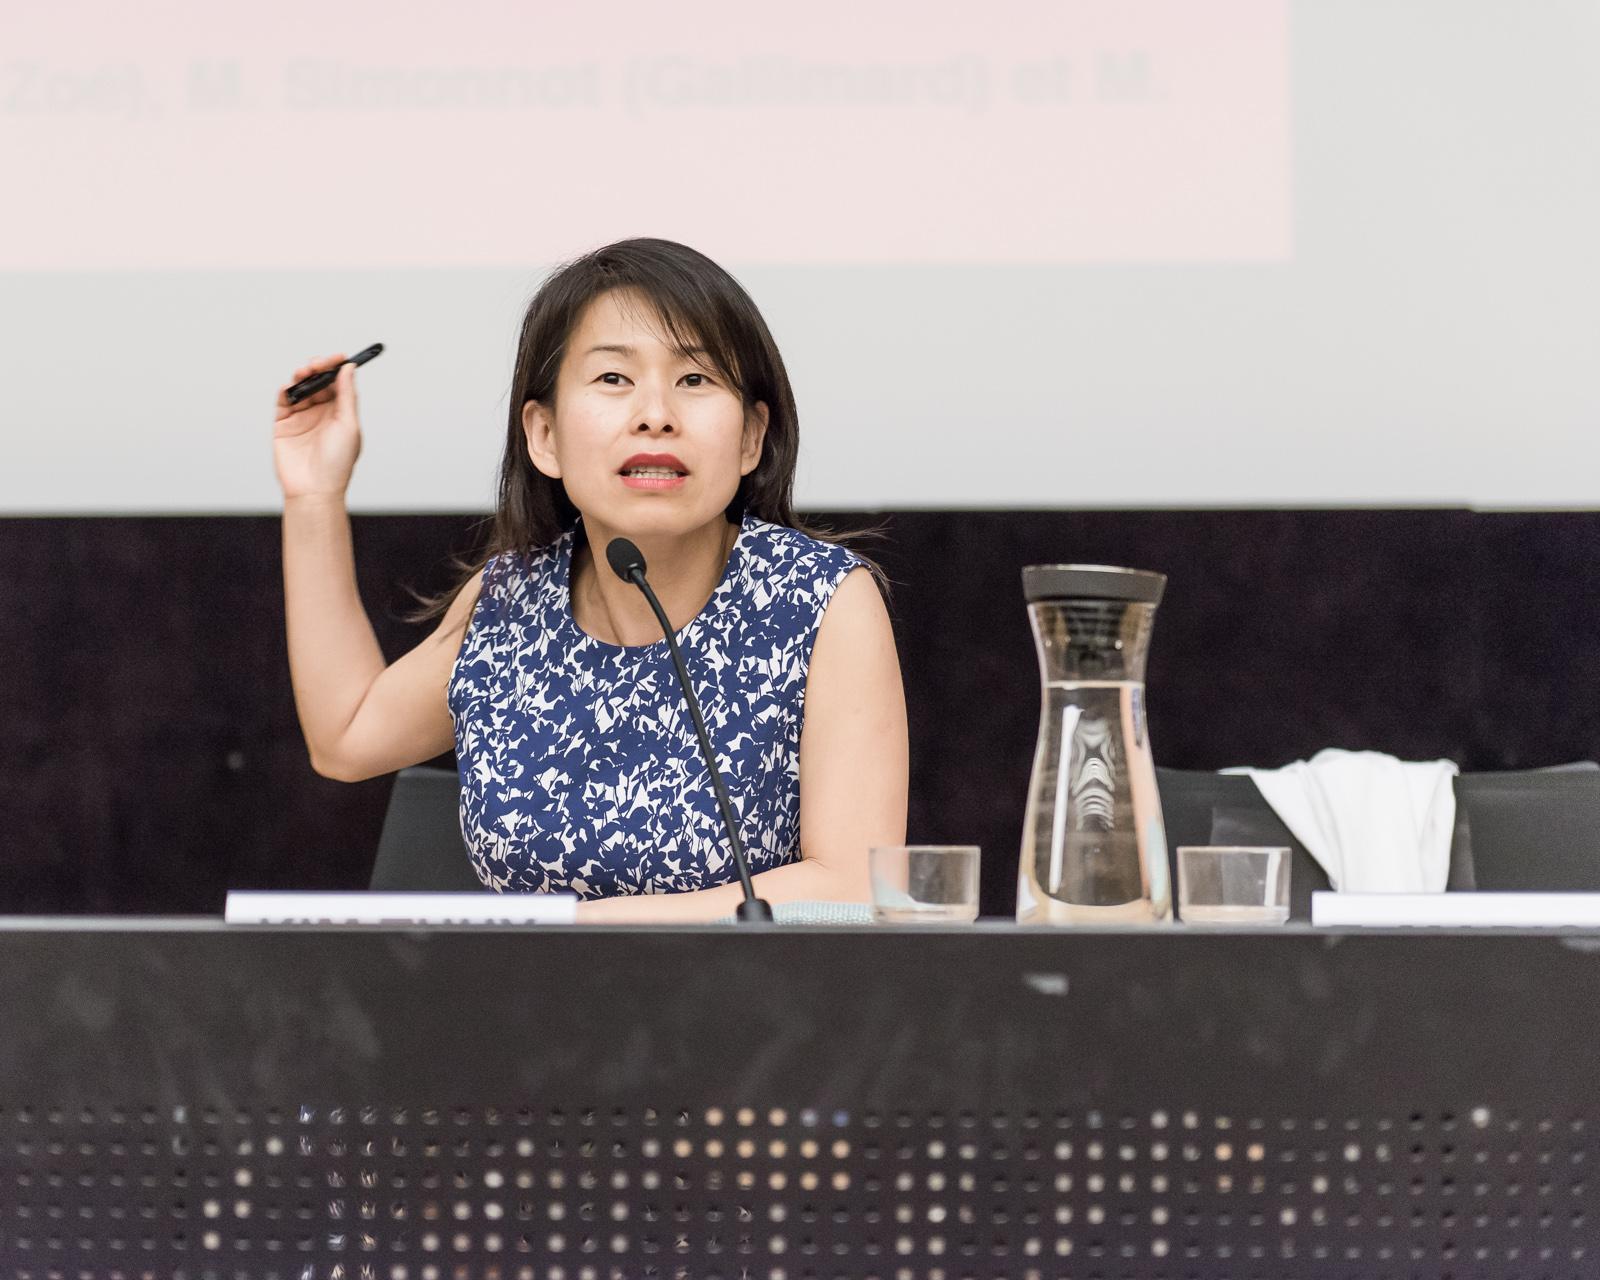 Kim-Thuy-Rencontres-internationales-Genève-2016-04